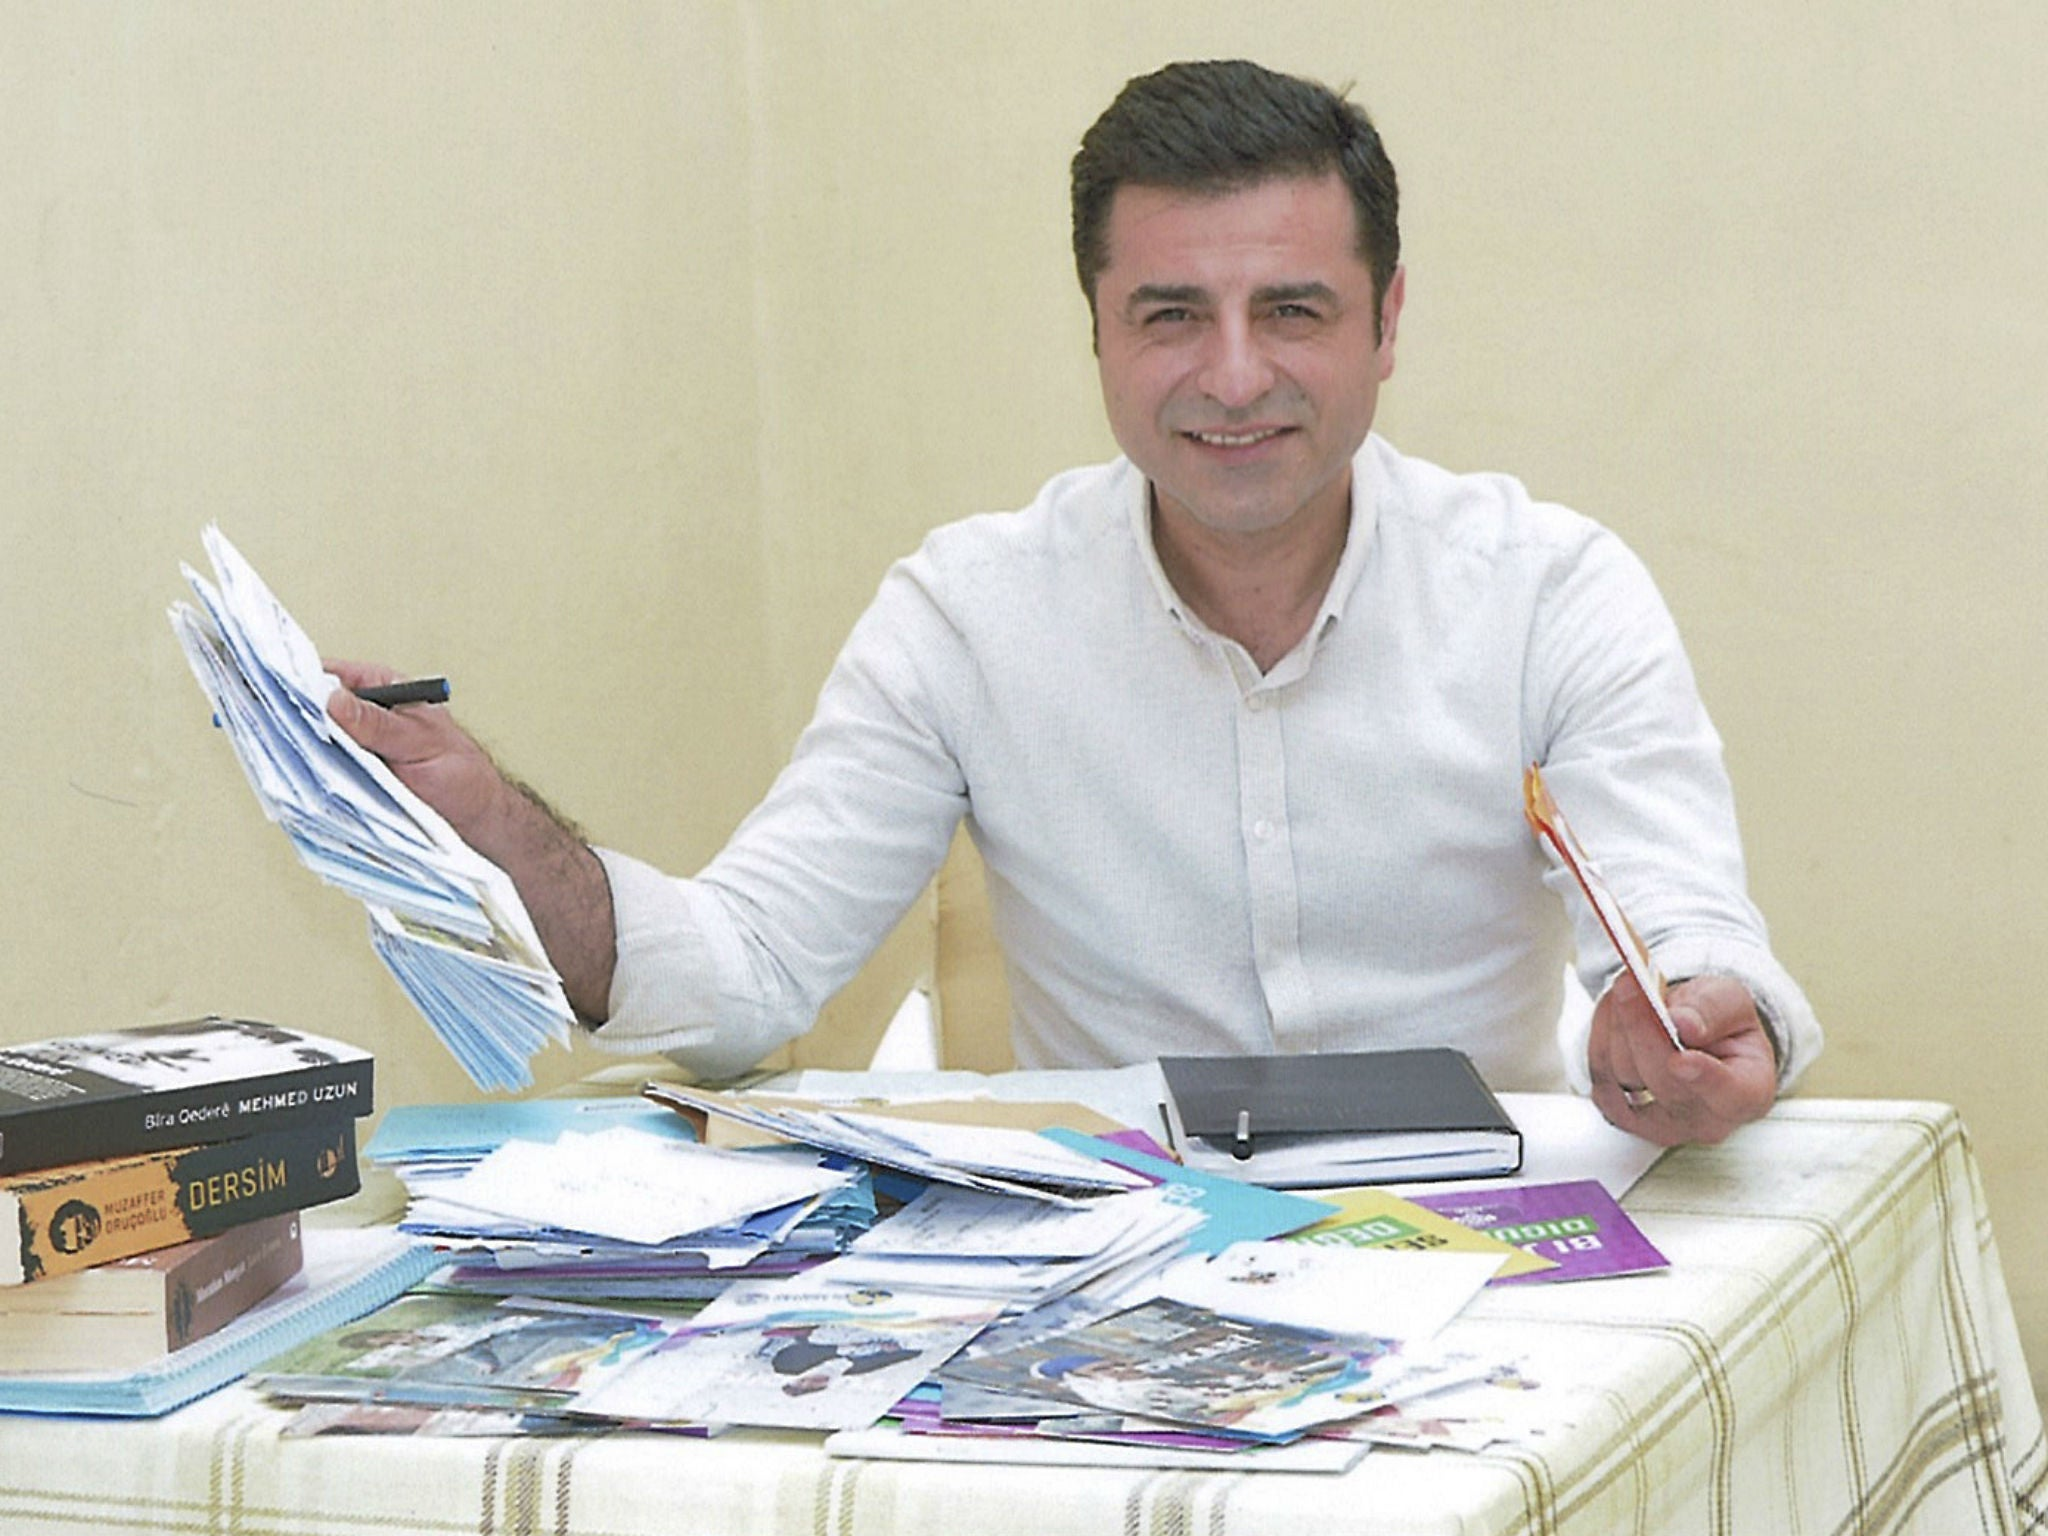 Photo of Demîrtaş: Ez Kurd im û welatê min Kurdistan e